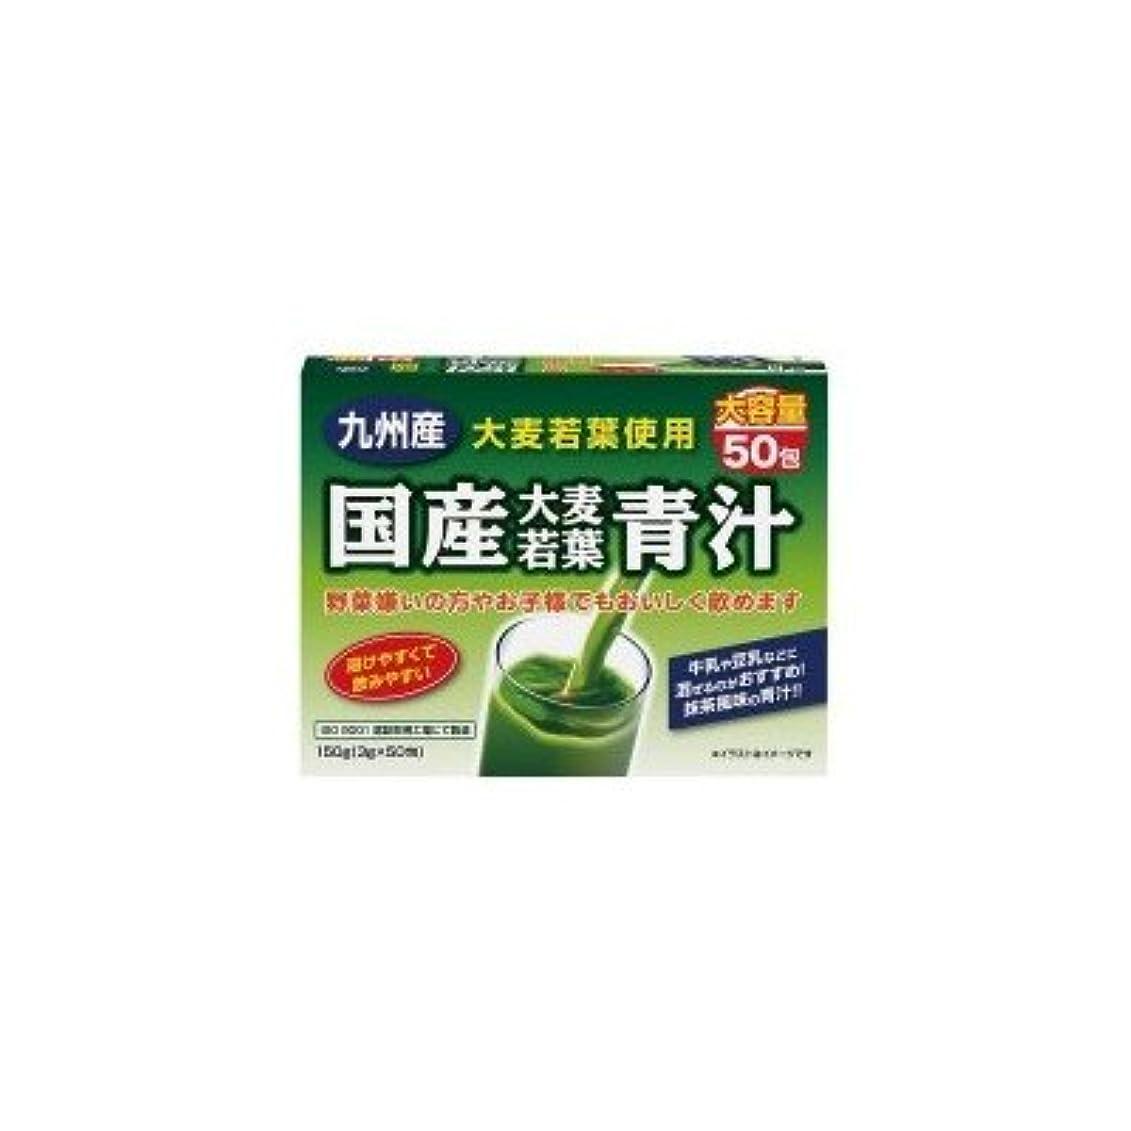 忌まわしい矢印酒ユーワ 九州産大麦若葉使用 国産大麦若葉青汁 150g(3g×50包) 3888